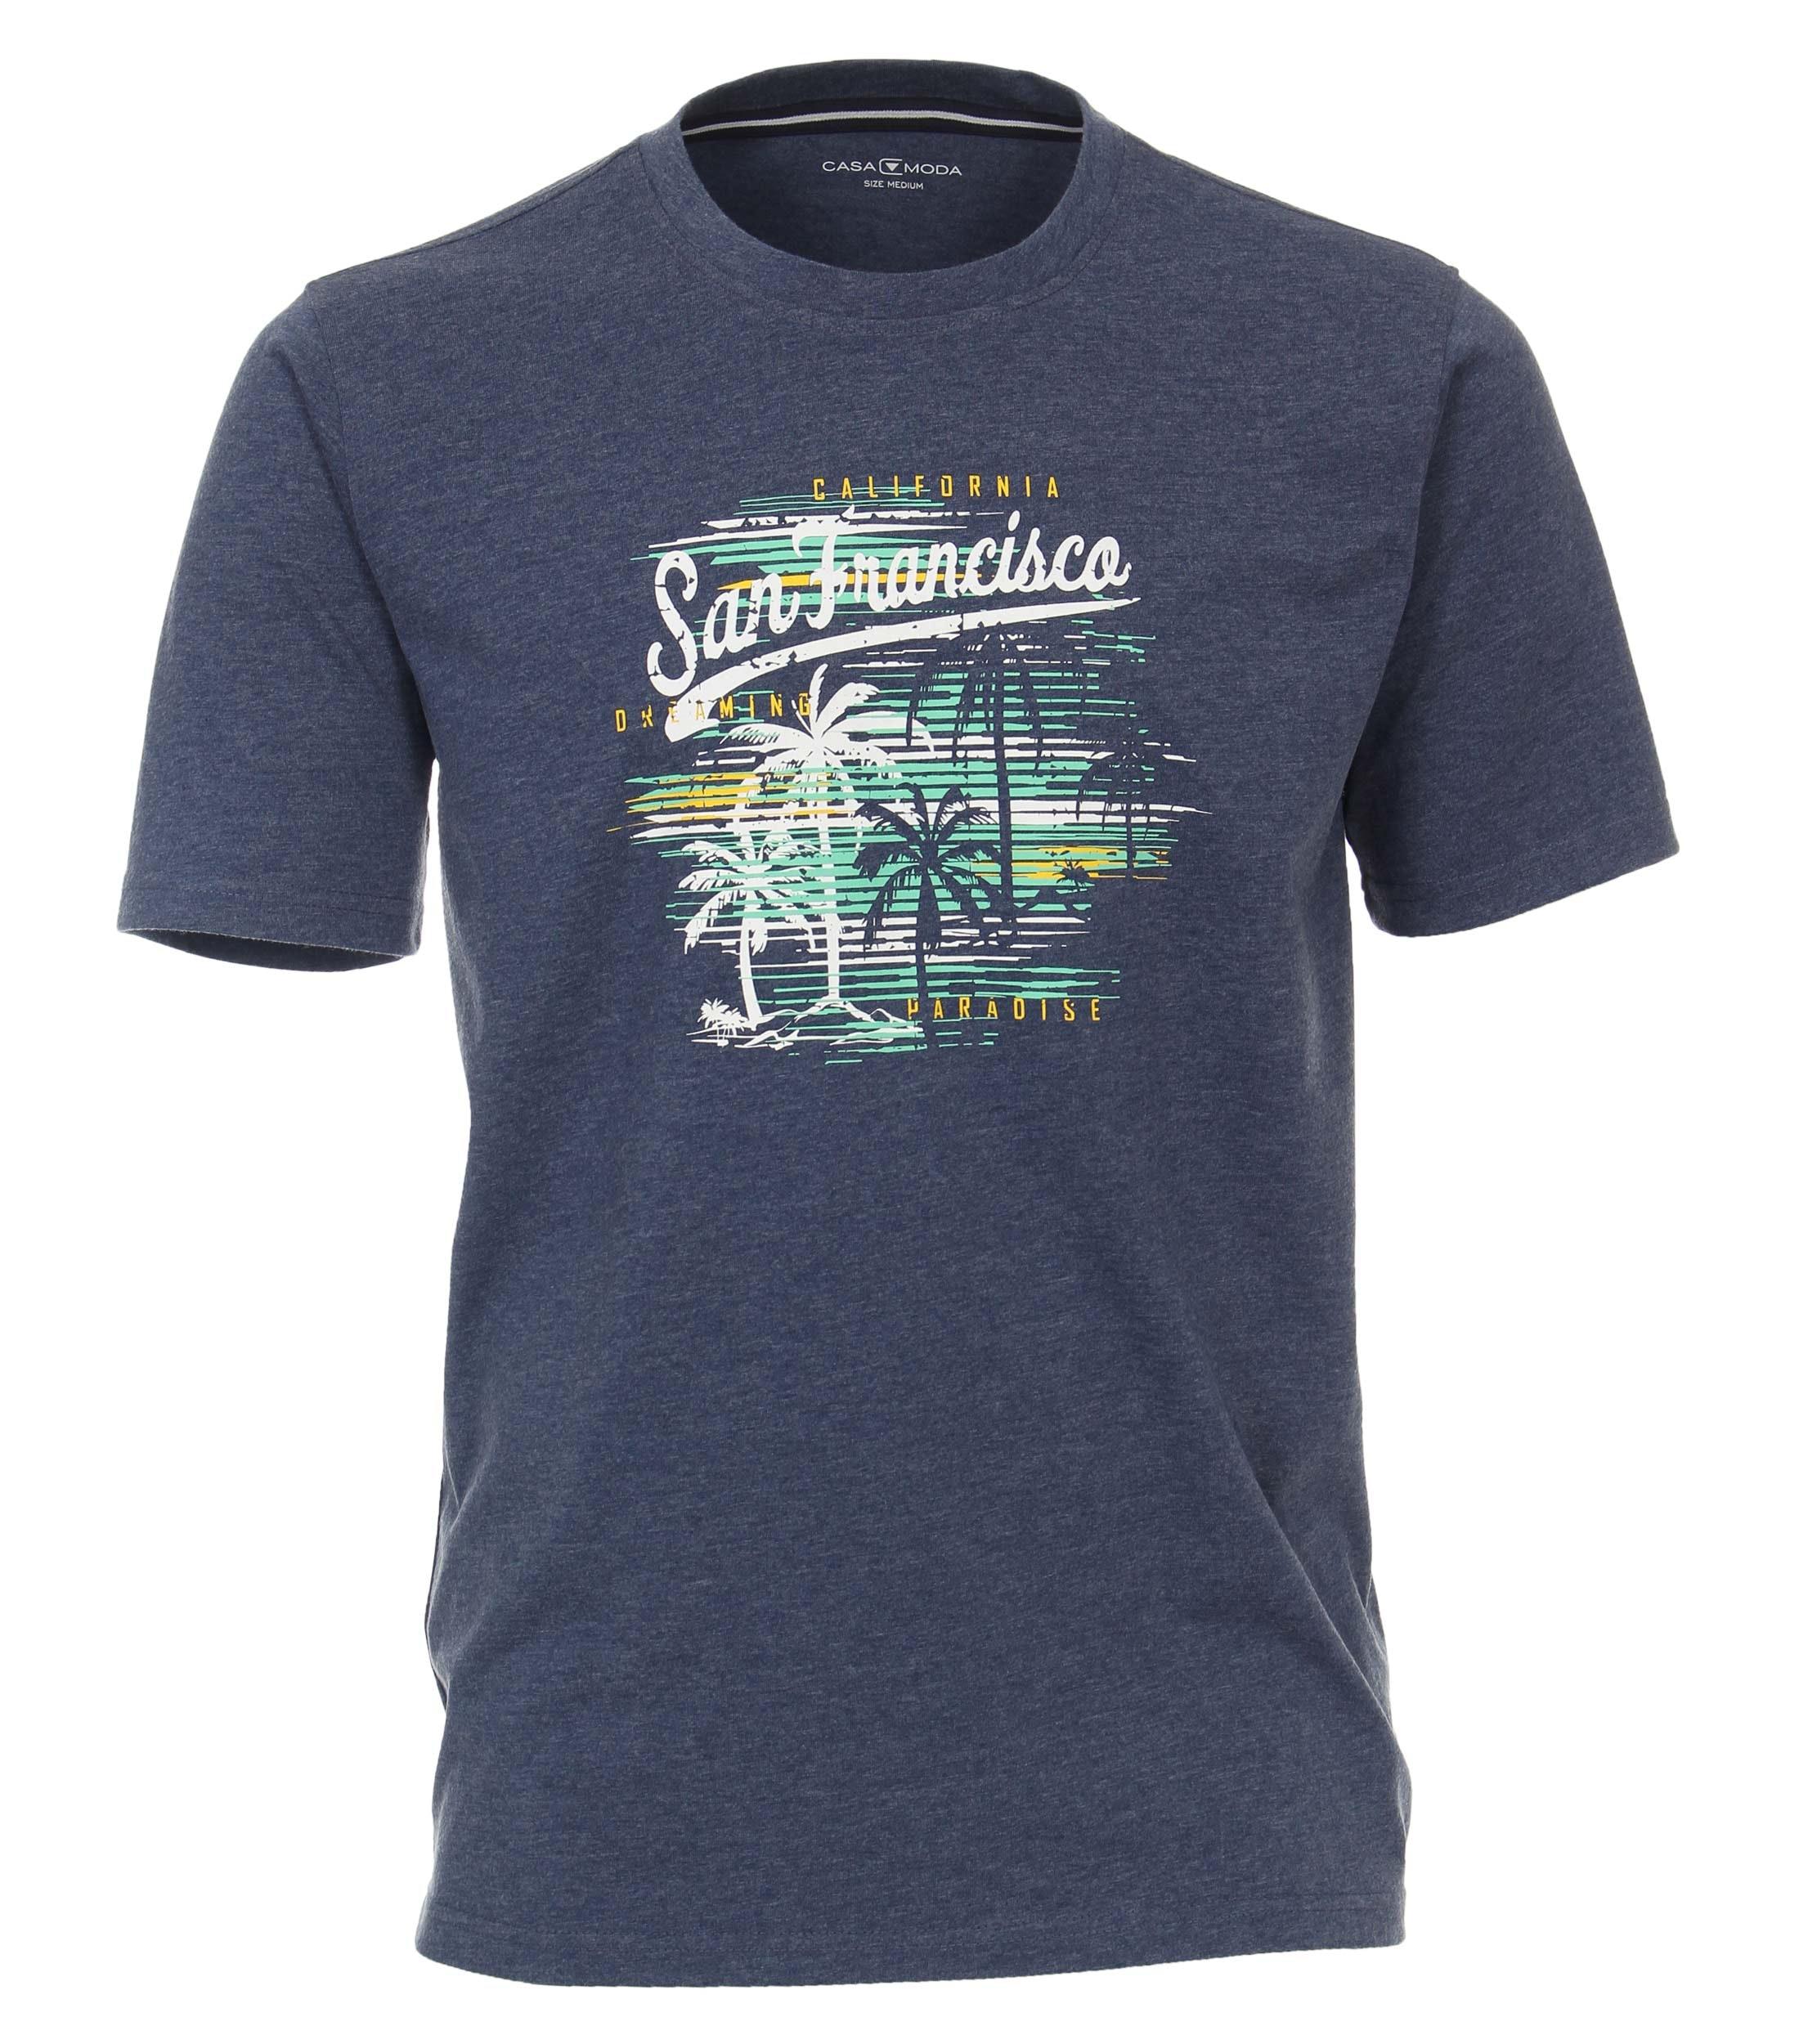 CasaModa kurzarm Shirt aus Baumwolle mit Aufdruck, blau